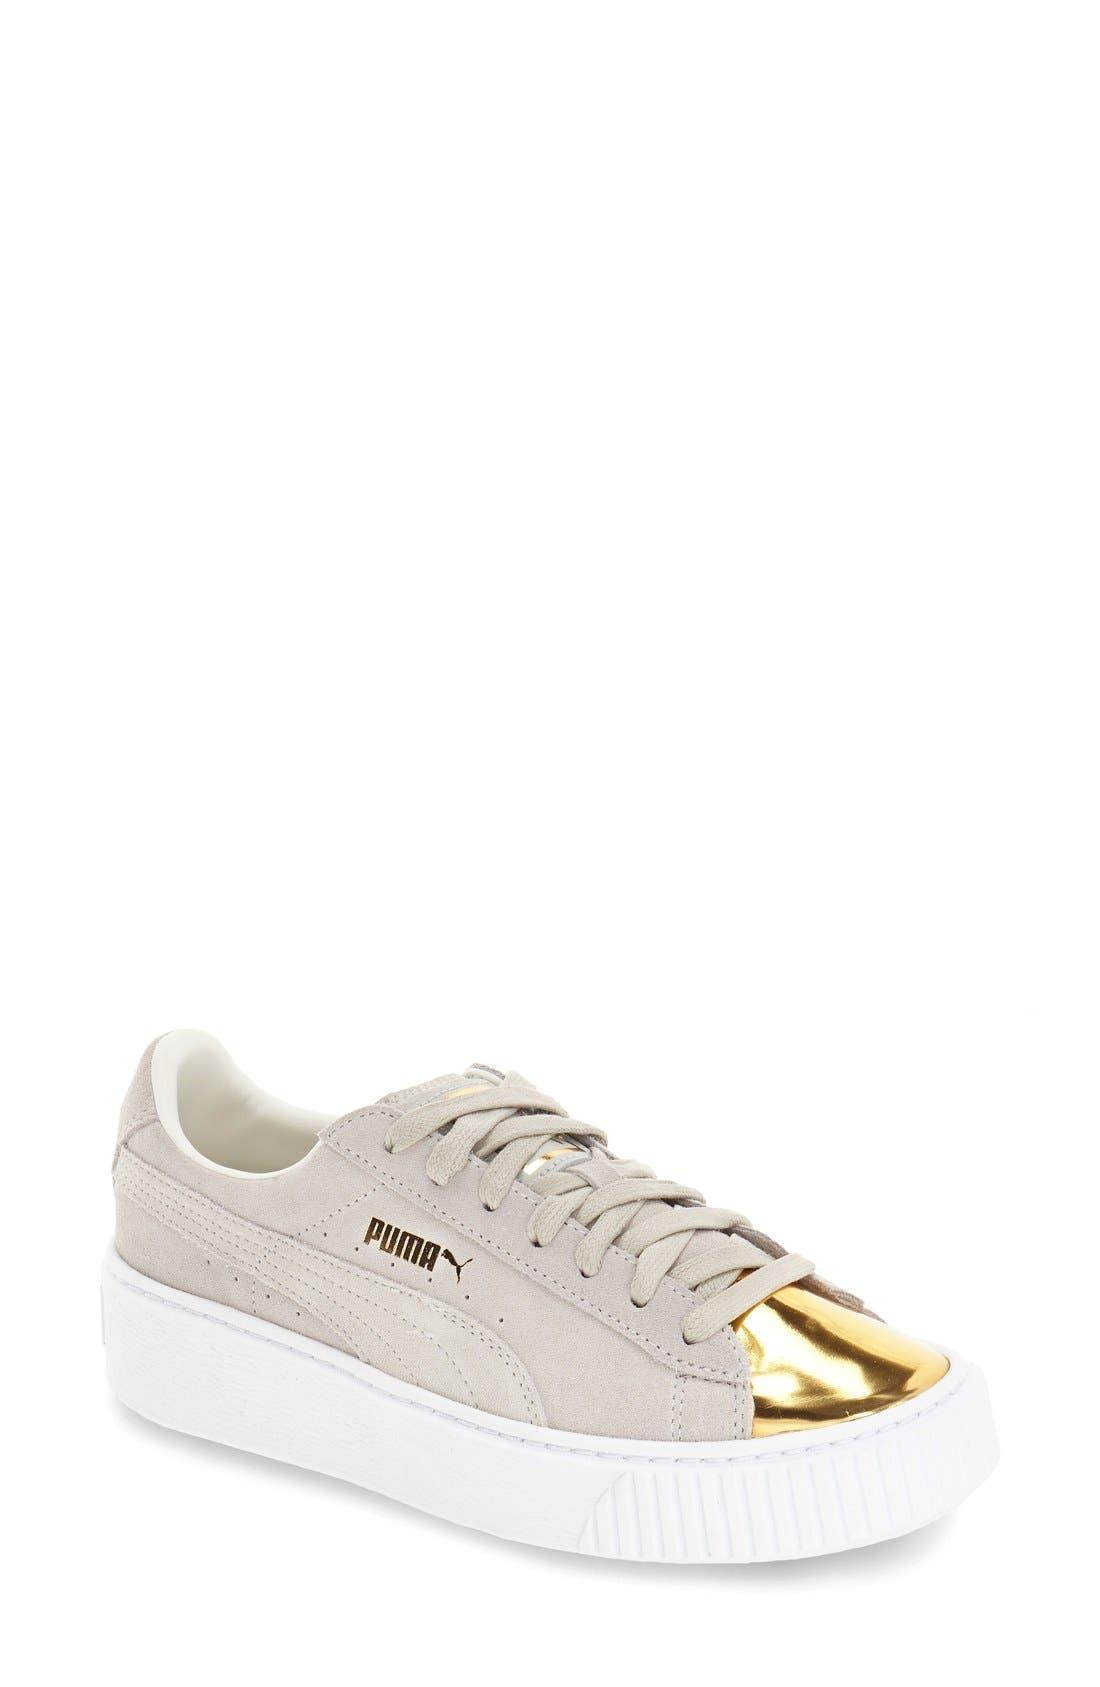 puma sneakers women